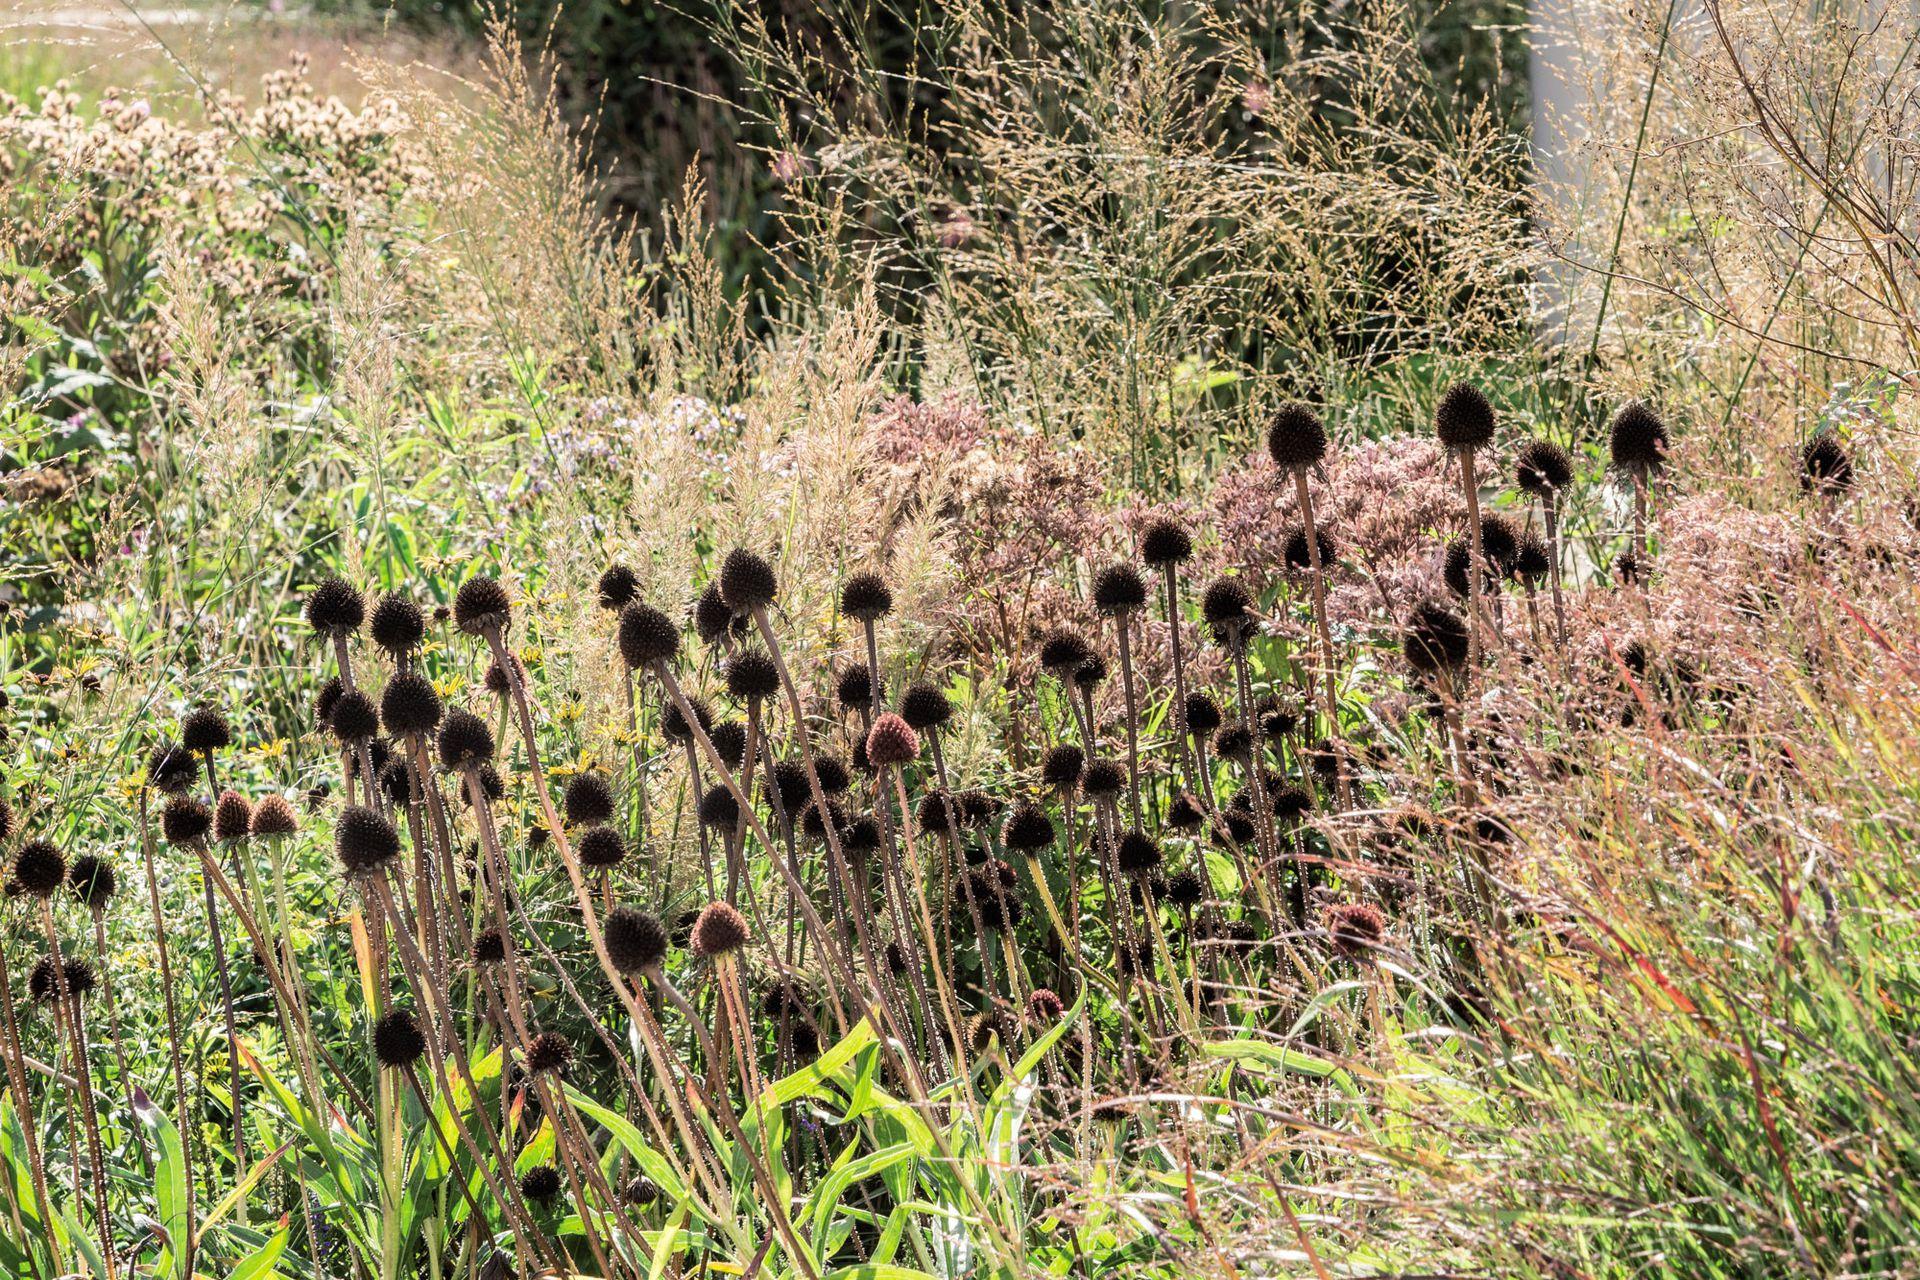 Hacia mediados del otoño quedan pocas flores, entonces las cabezas de las echináceas ya secas son muy valoradas para contrastar con las espigas etéreas de las gramíneas.